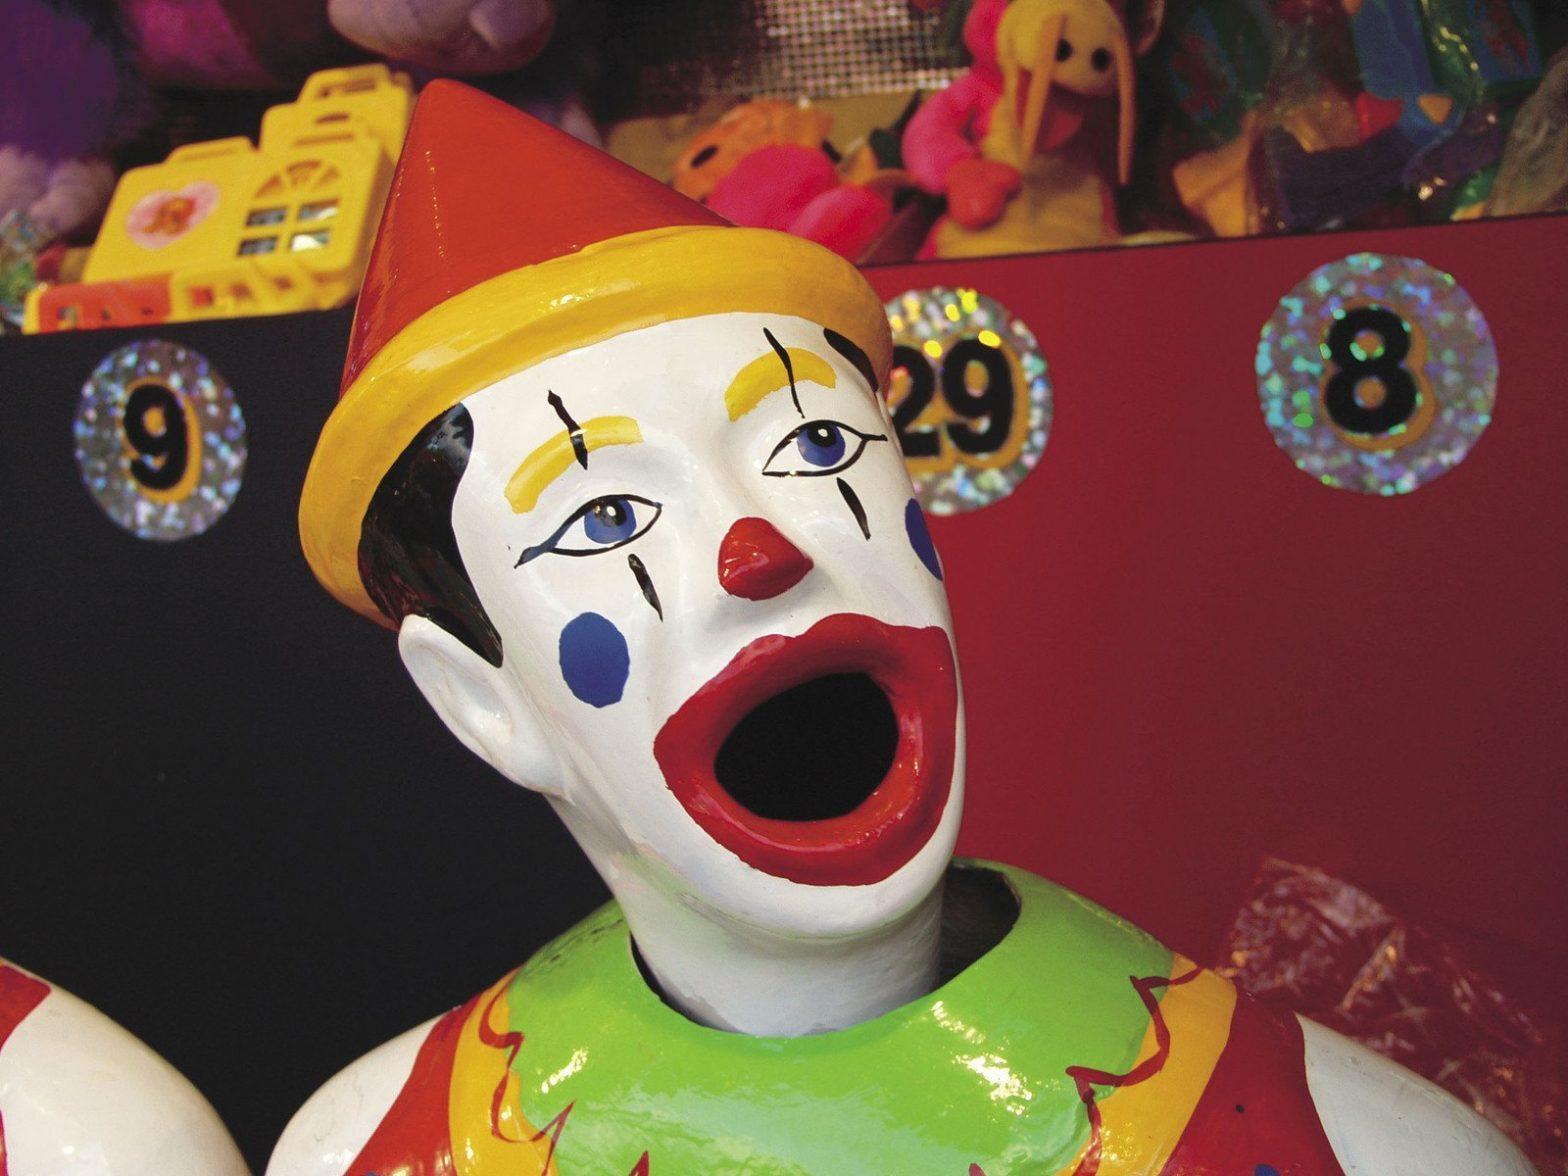 Les enfants affectionnent particulièrement les clowns de cirques